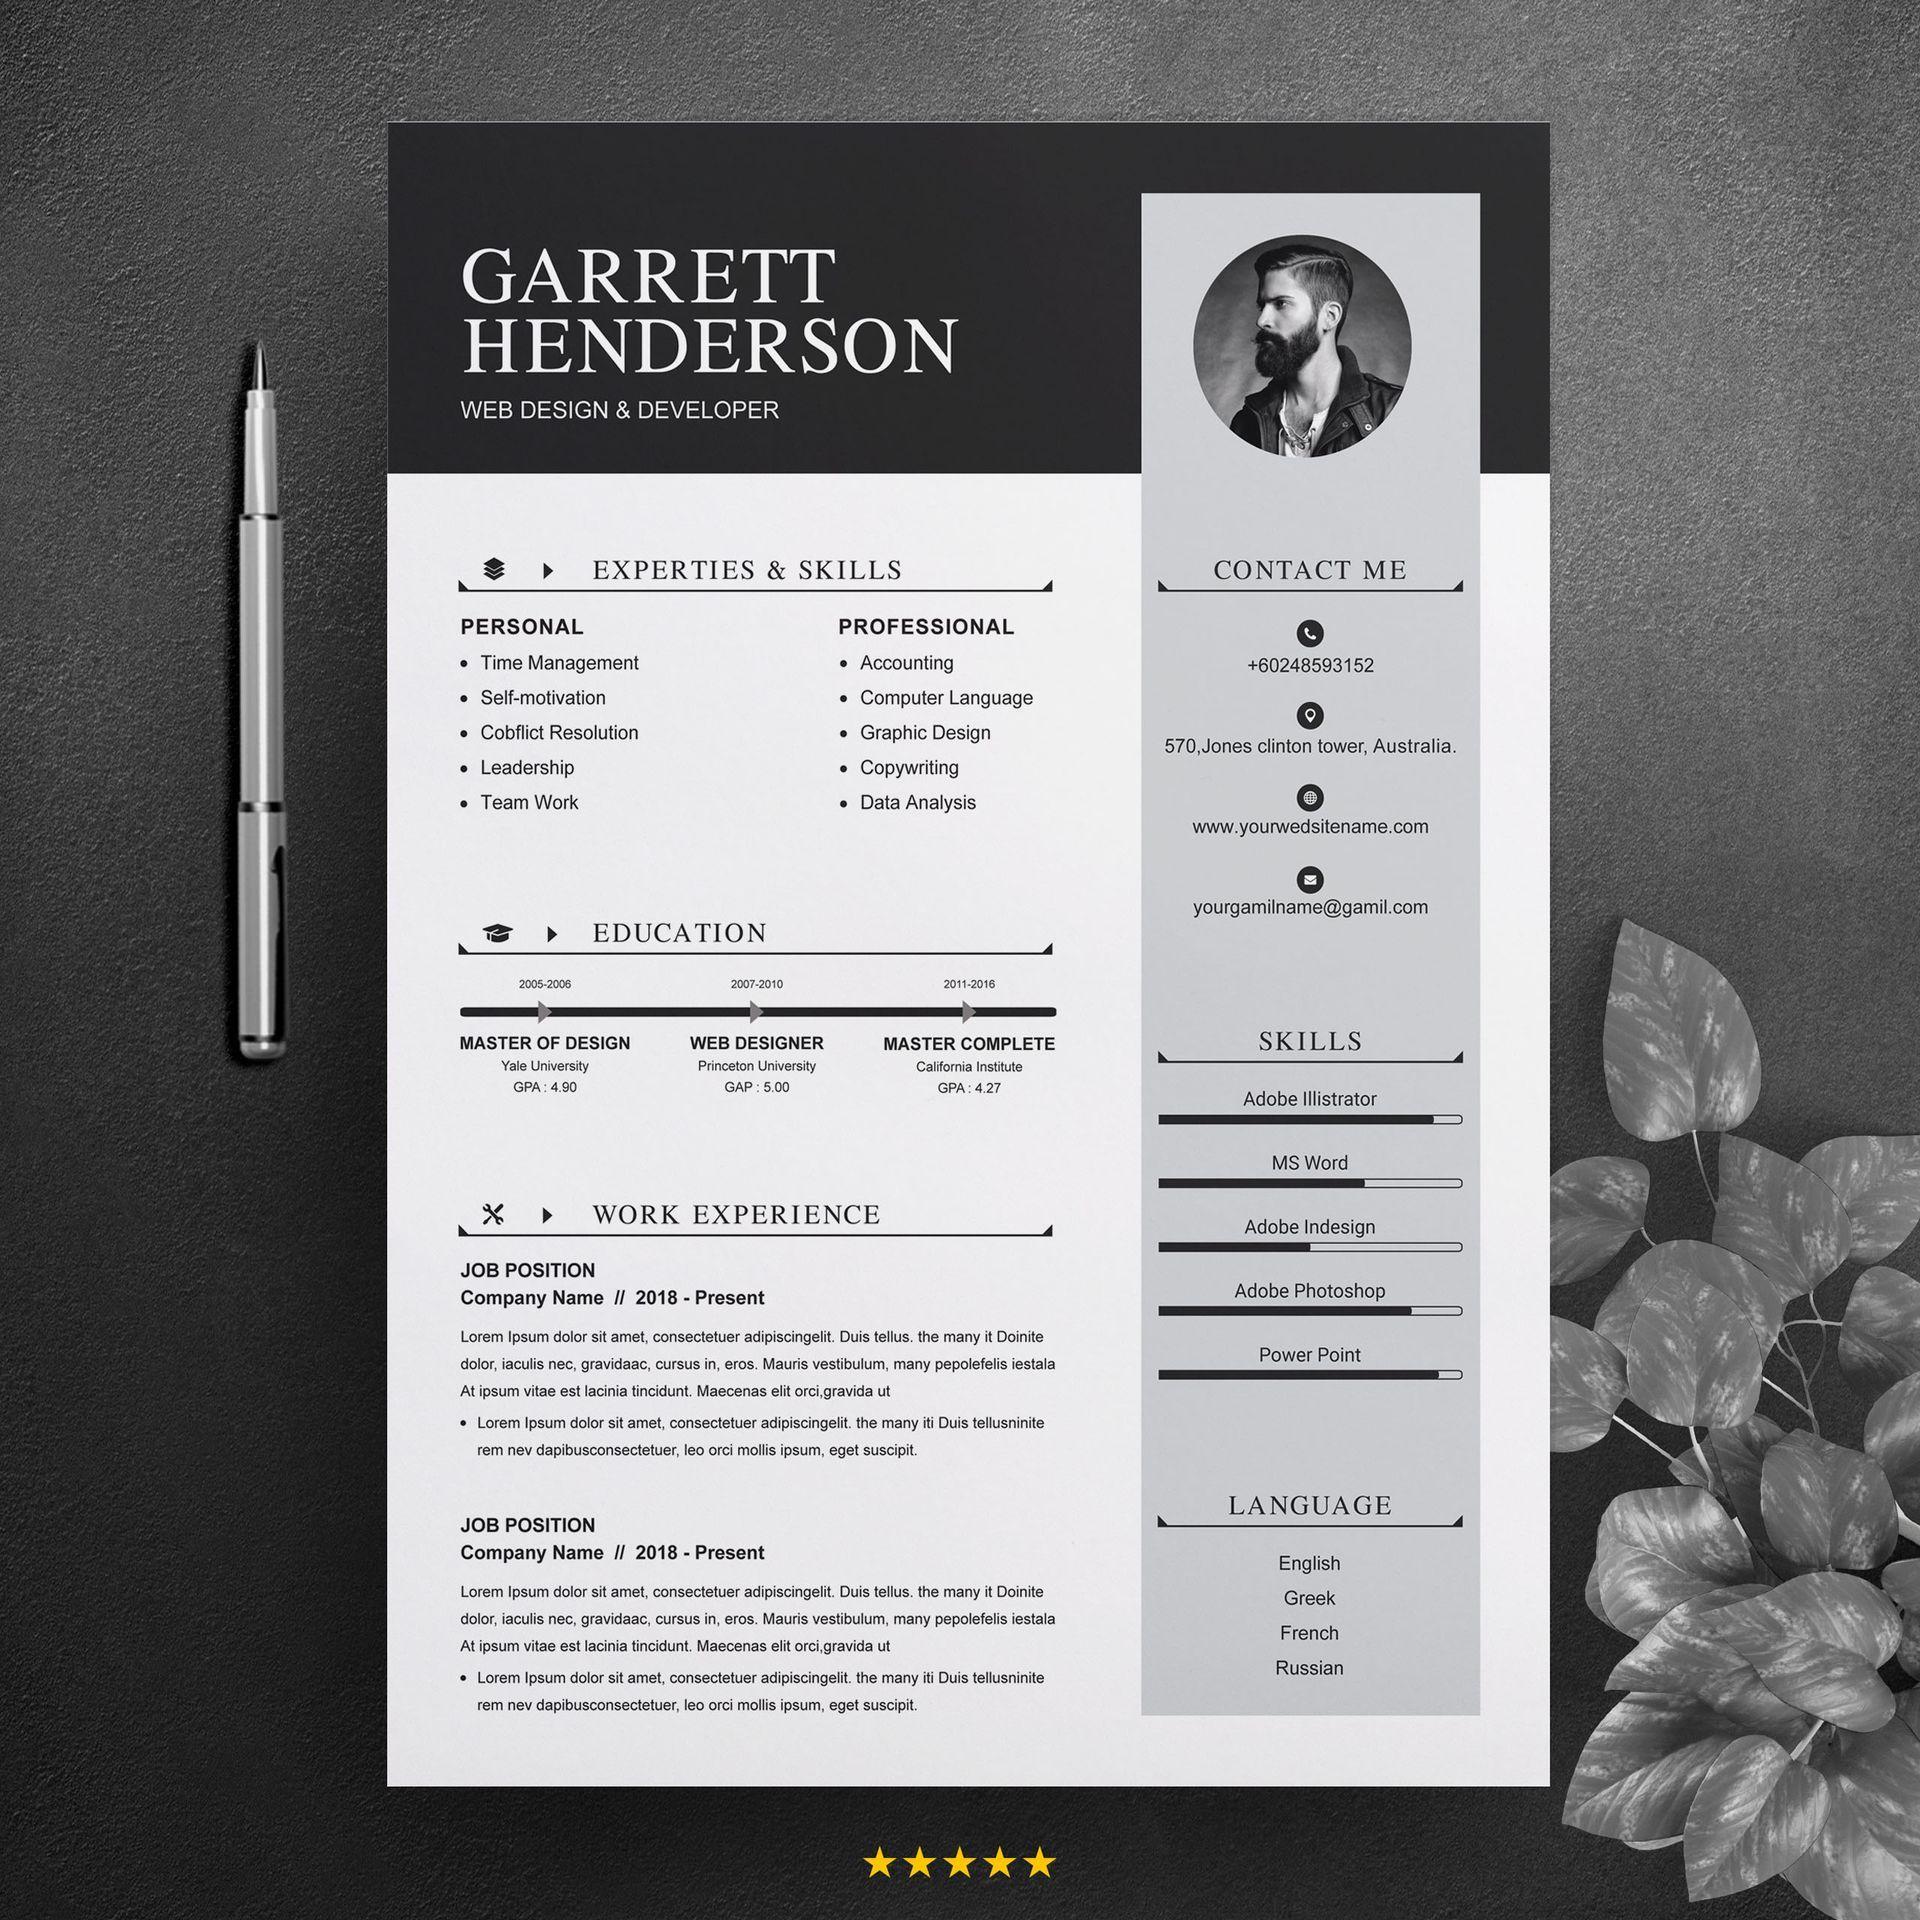 Garrett henderson resume template 74183 cv design